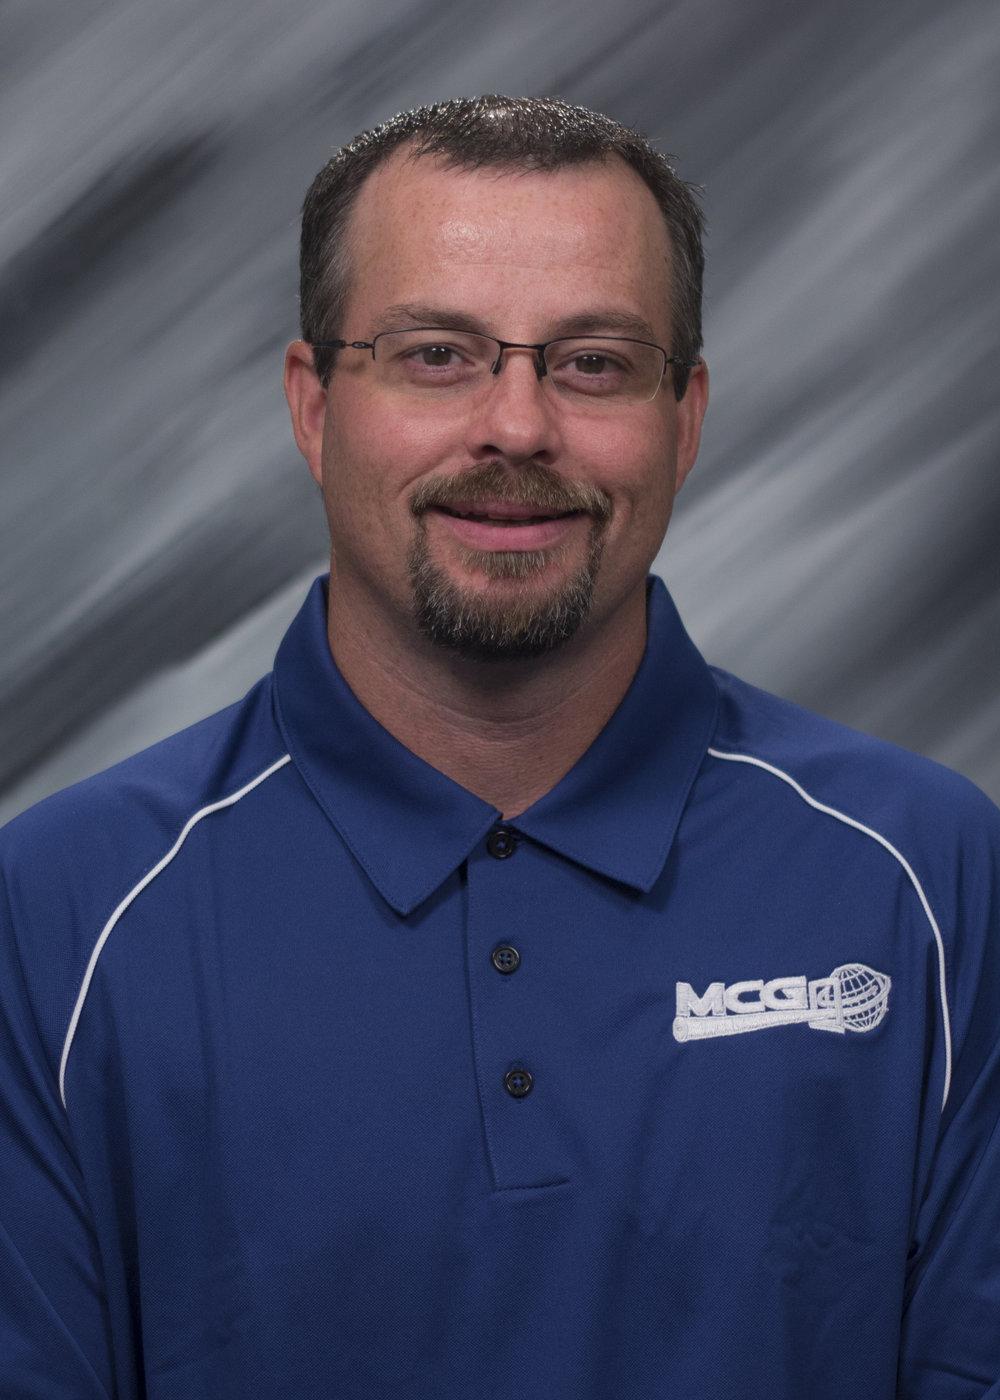 Jason Hewitt, Operational Support Manager